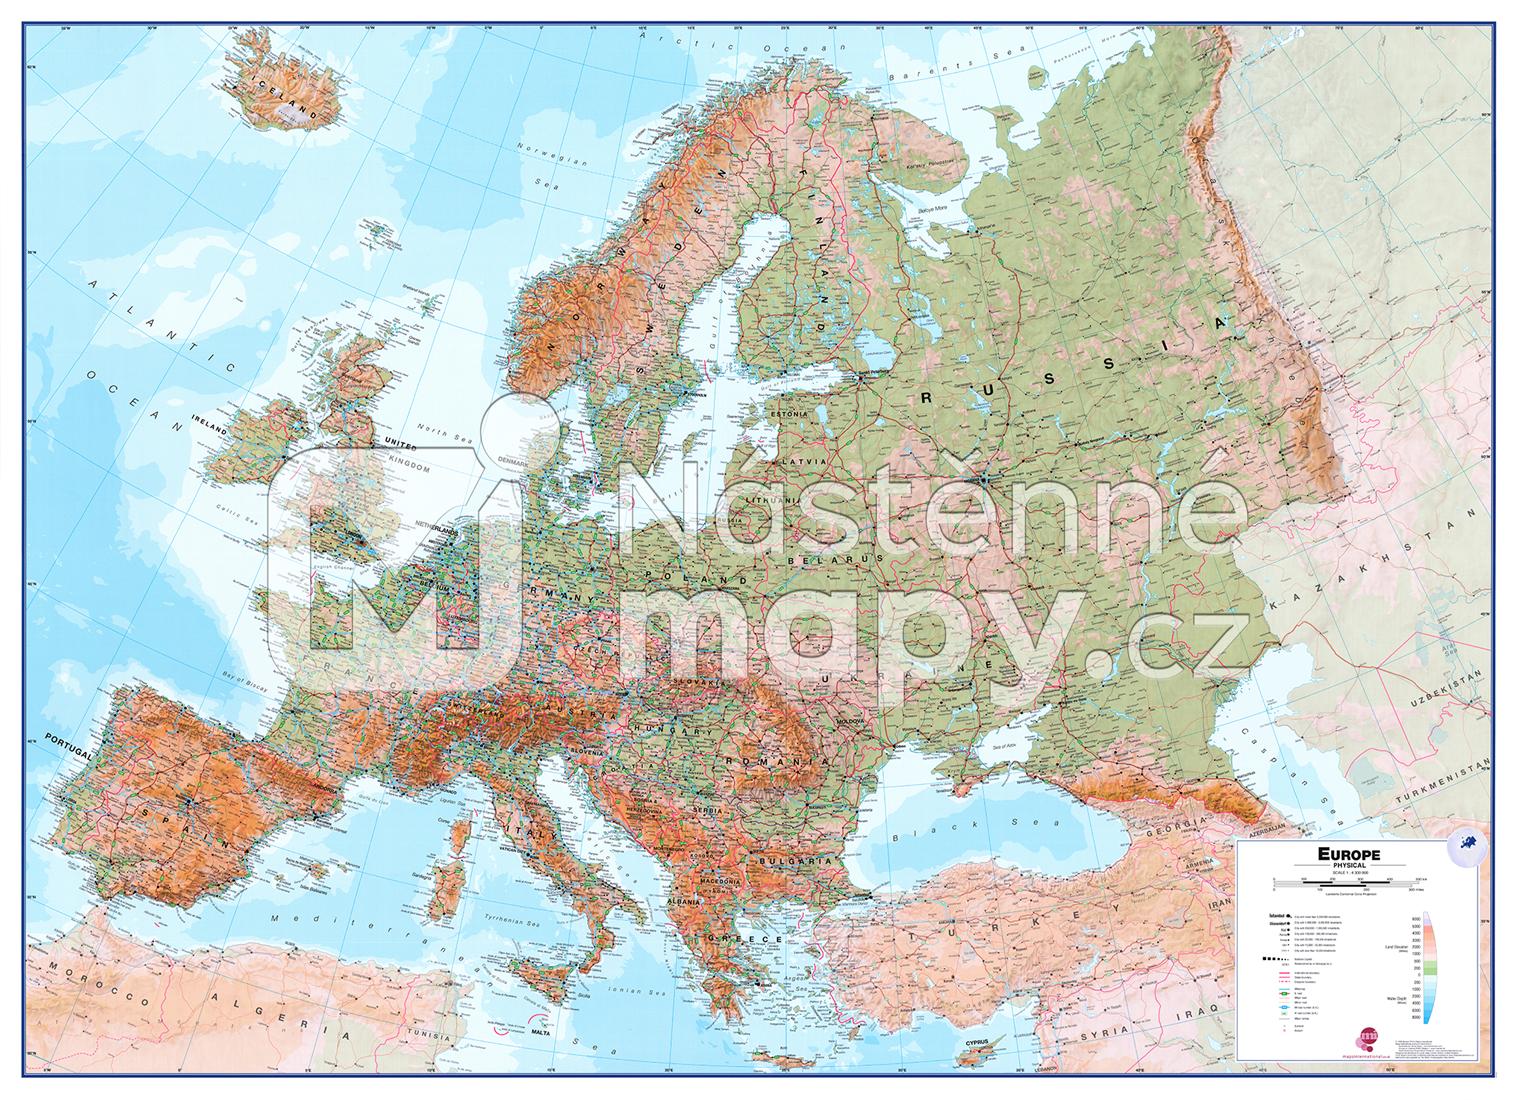 Nastenna Mapa Evropa Fyzicka Nastenne Mapy Cz